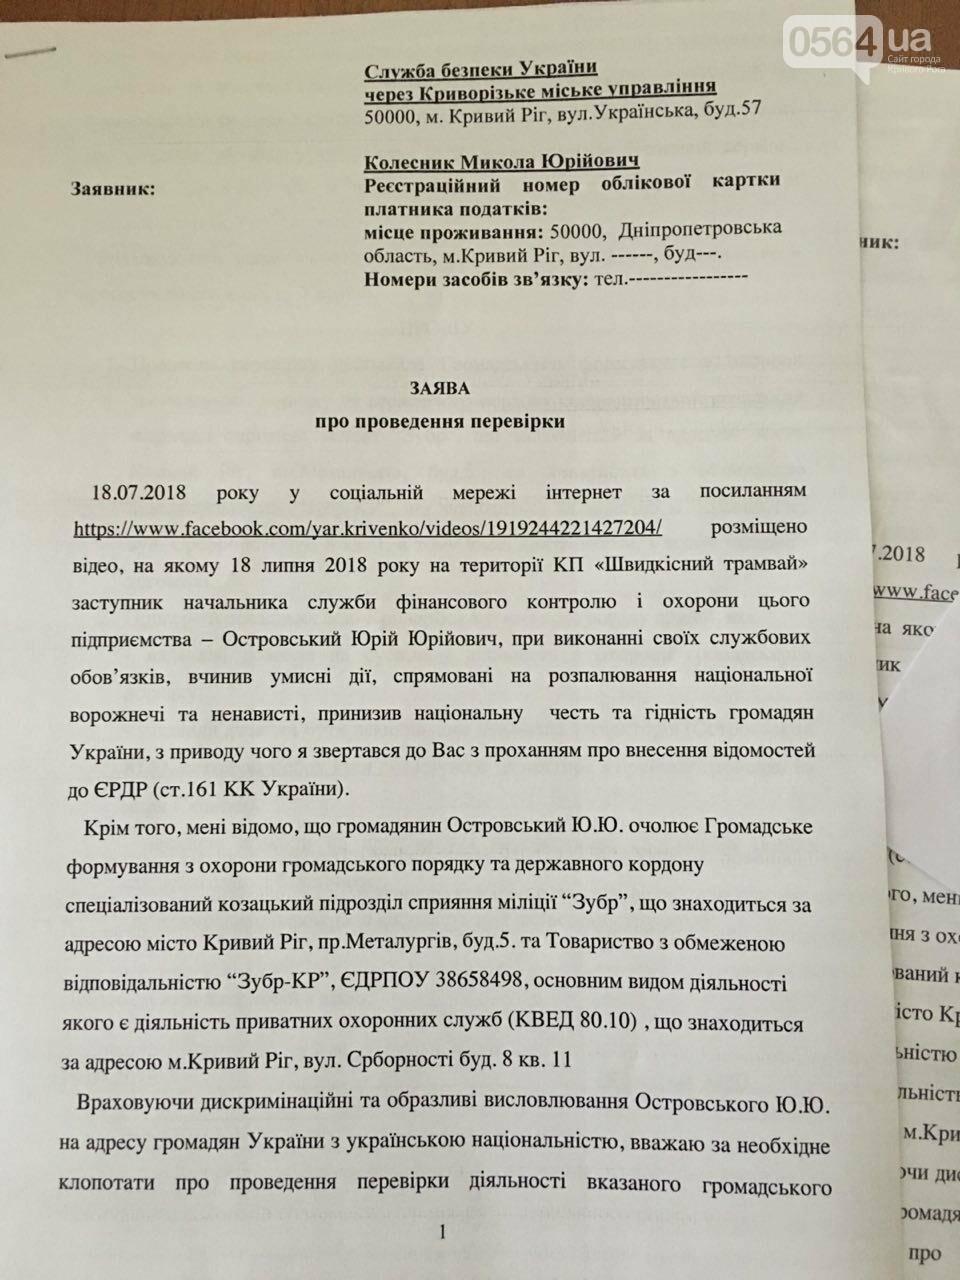 Криворожане передали в СБУ заявление с требованием проверить организации, которые возглавлял Островский, - ФОТО, фото-7